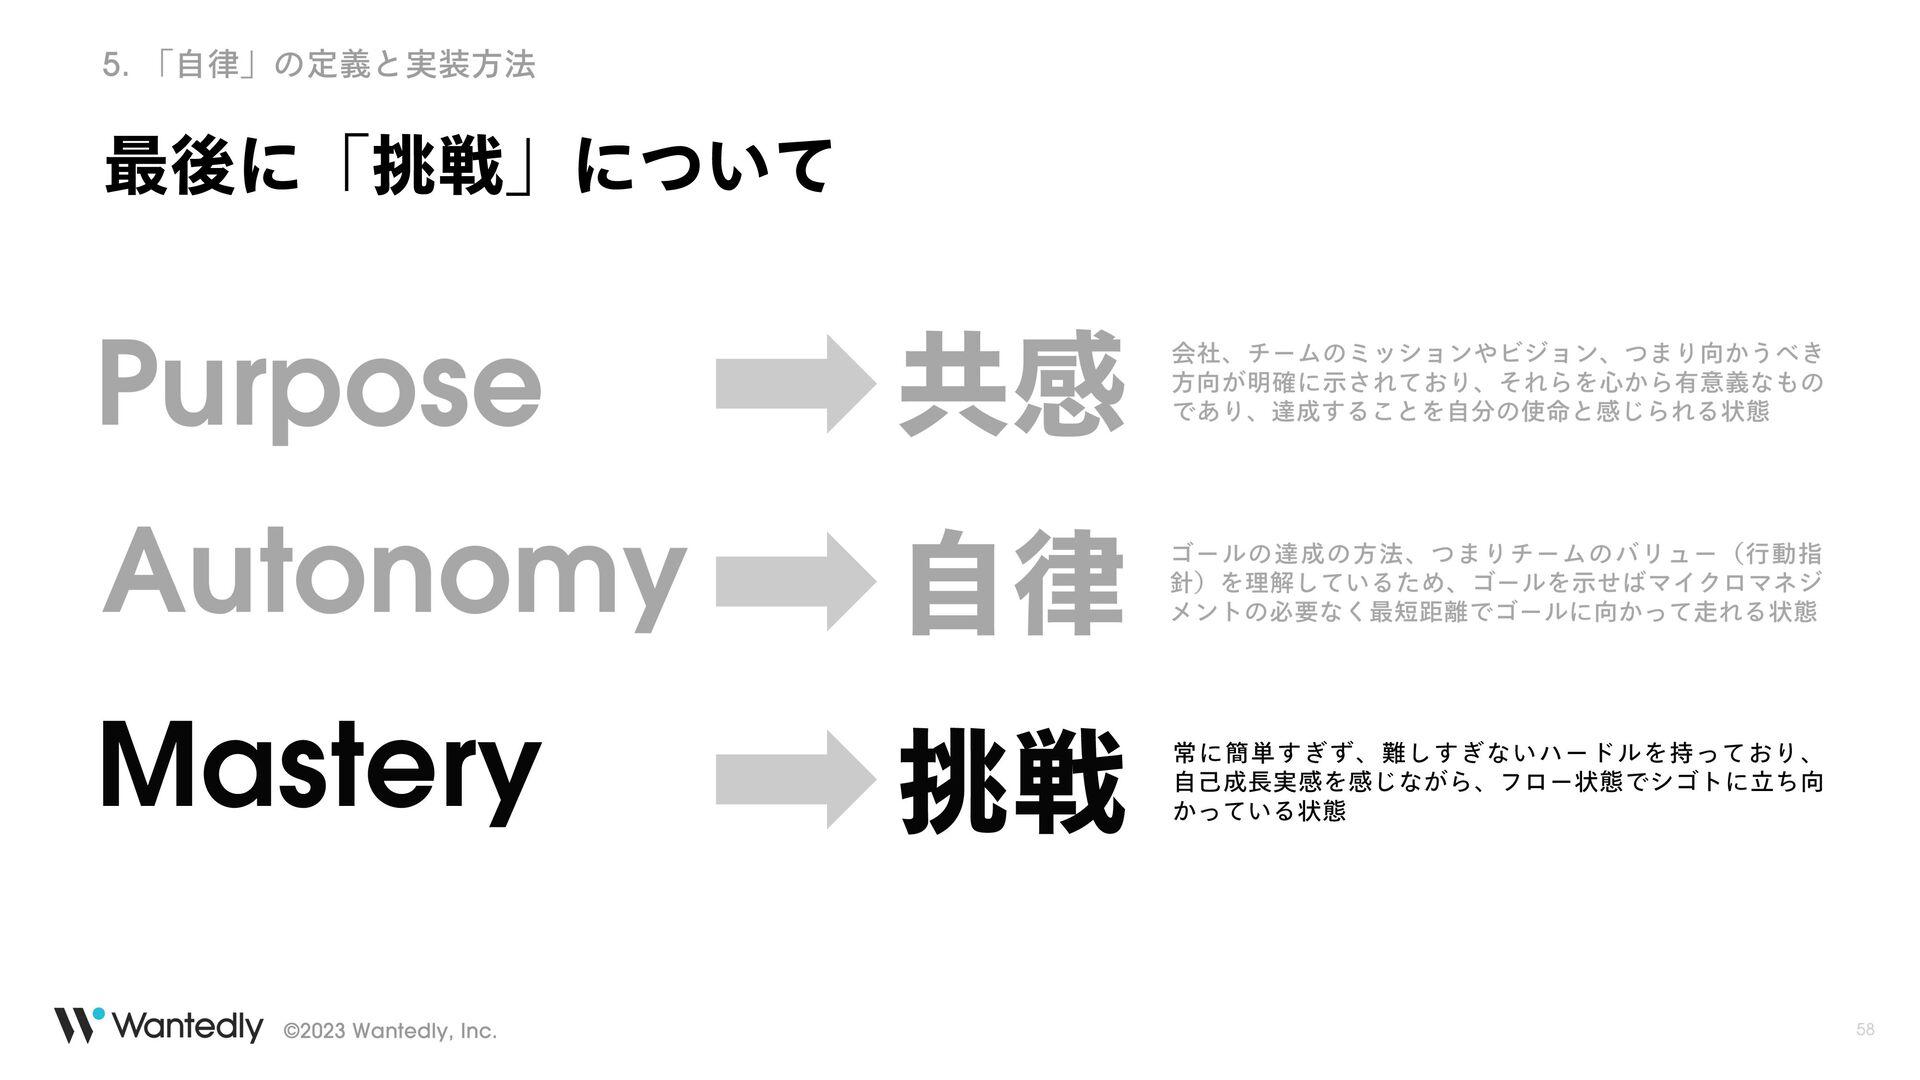 ࠷ޙʹʮઓʯʹ͍ͭͯ Mastery ઓ ৗʹ؆୯͗ͣ͢ɺ͗͢͠ͳ͍ϋʔυϧΛ͓ͬͯΓ...